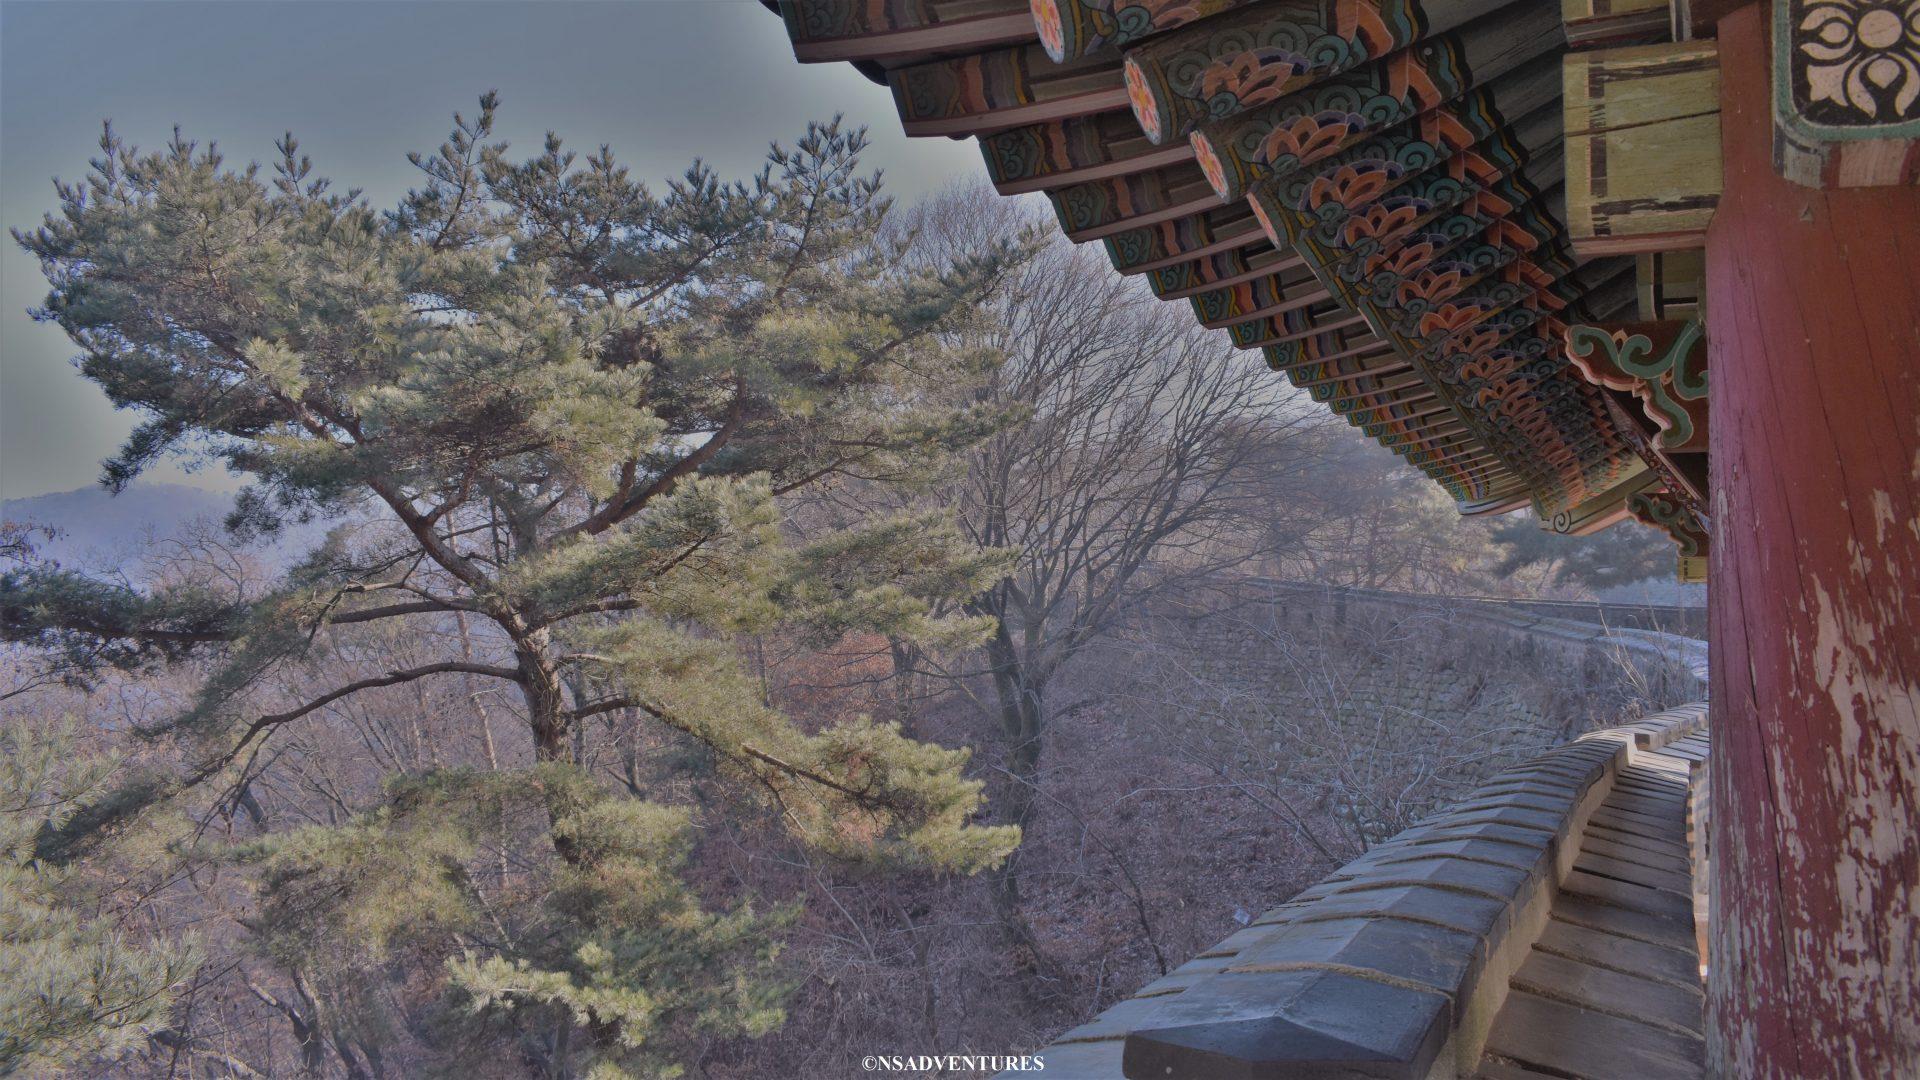 Cosa vedere in Corea del Sud: Seul, Namhansanseong